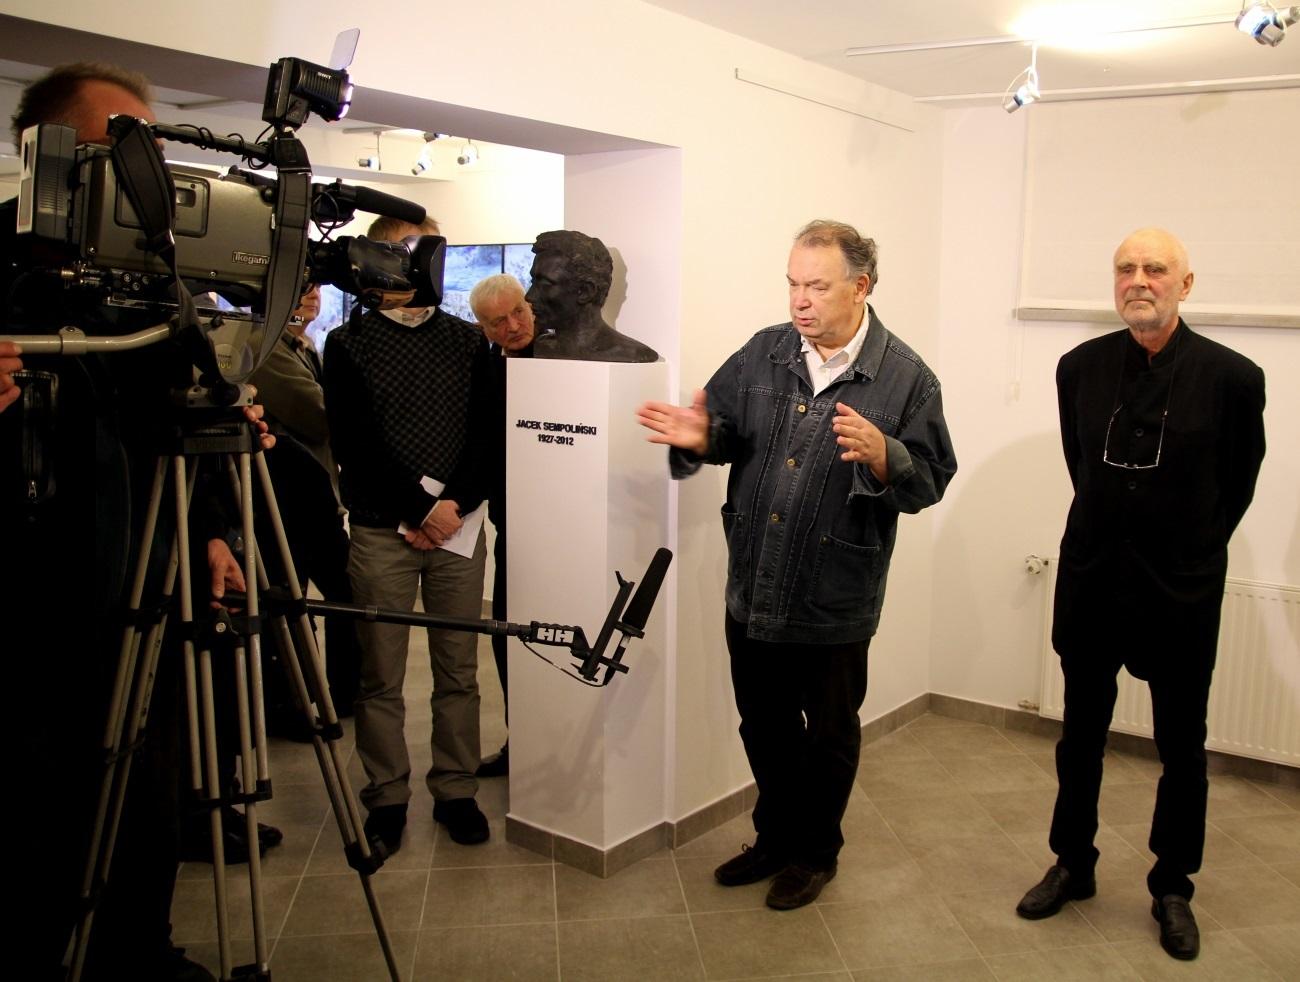 """Lech Majewski i Janusz Michalik. Wernisaż wystawy Lech Majewski """"Camera lucida"""" w galerii sztuki spa spot w Nałęczowie 24 października 2015 roku. © Galeria spa spot"""